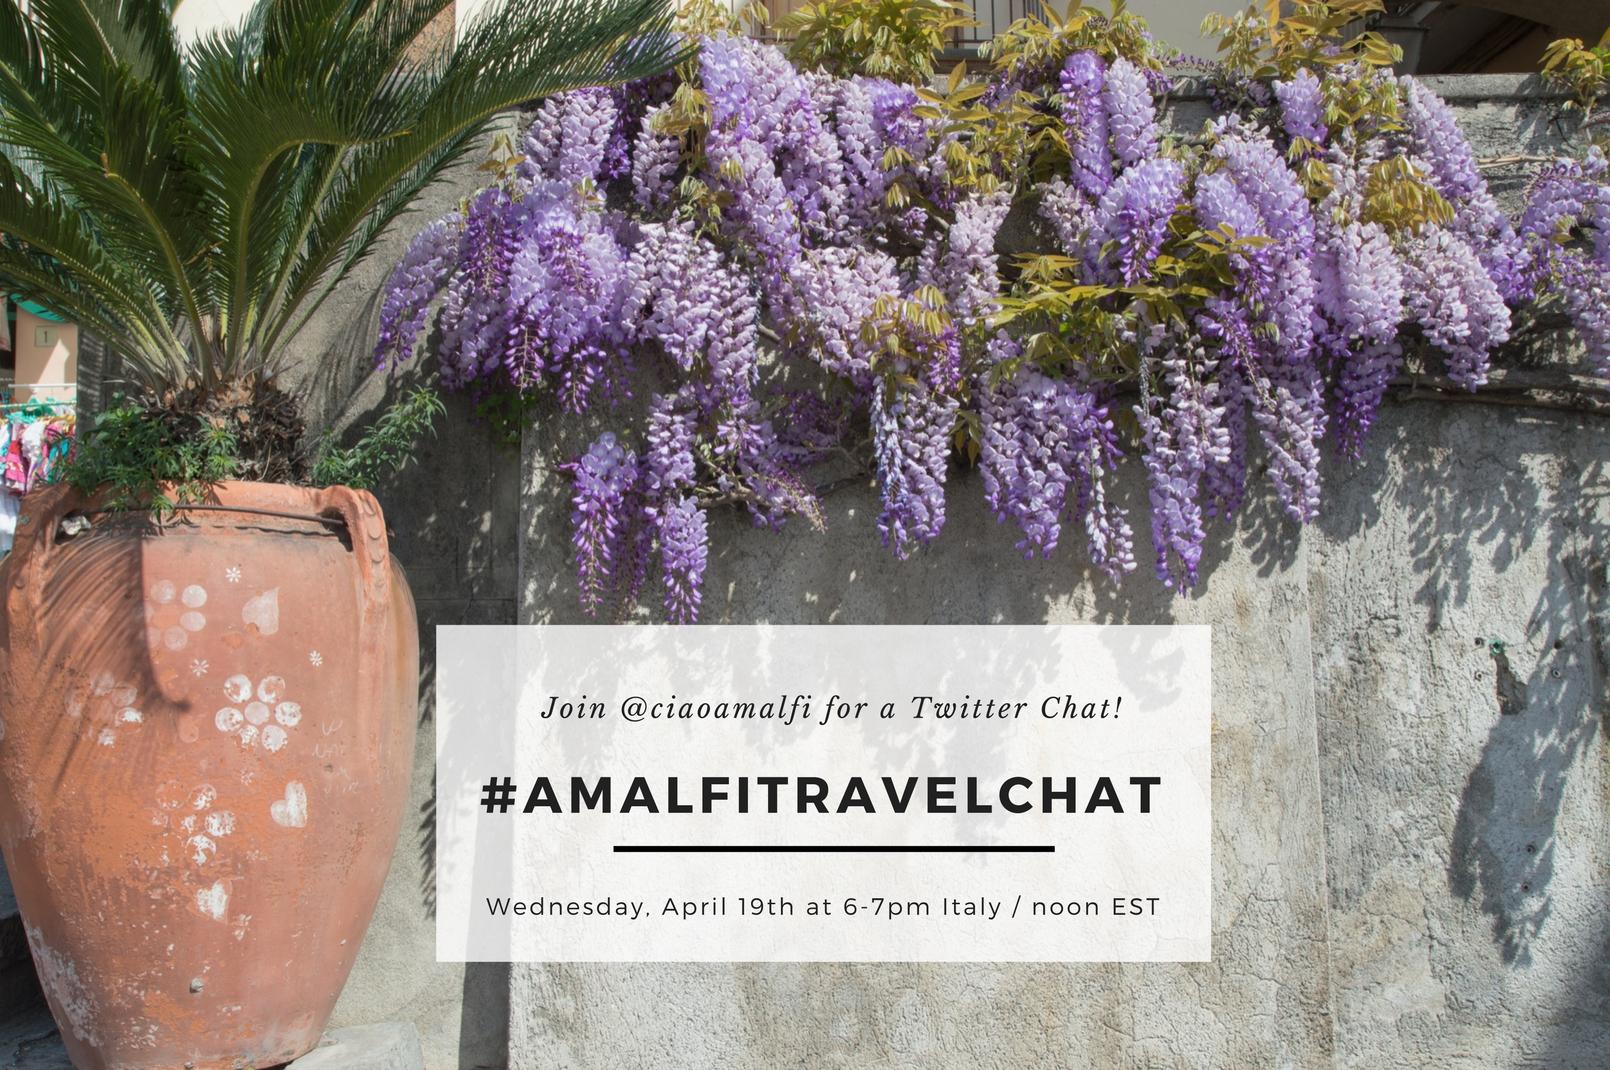 ciaoamalfi-amalfitravelchat-twitter